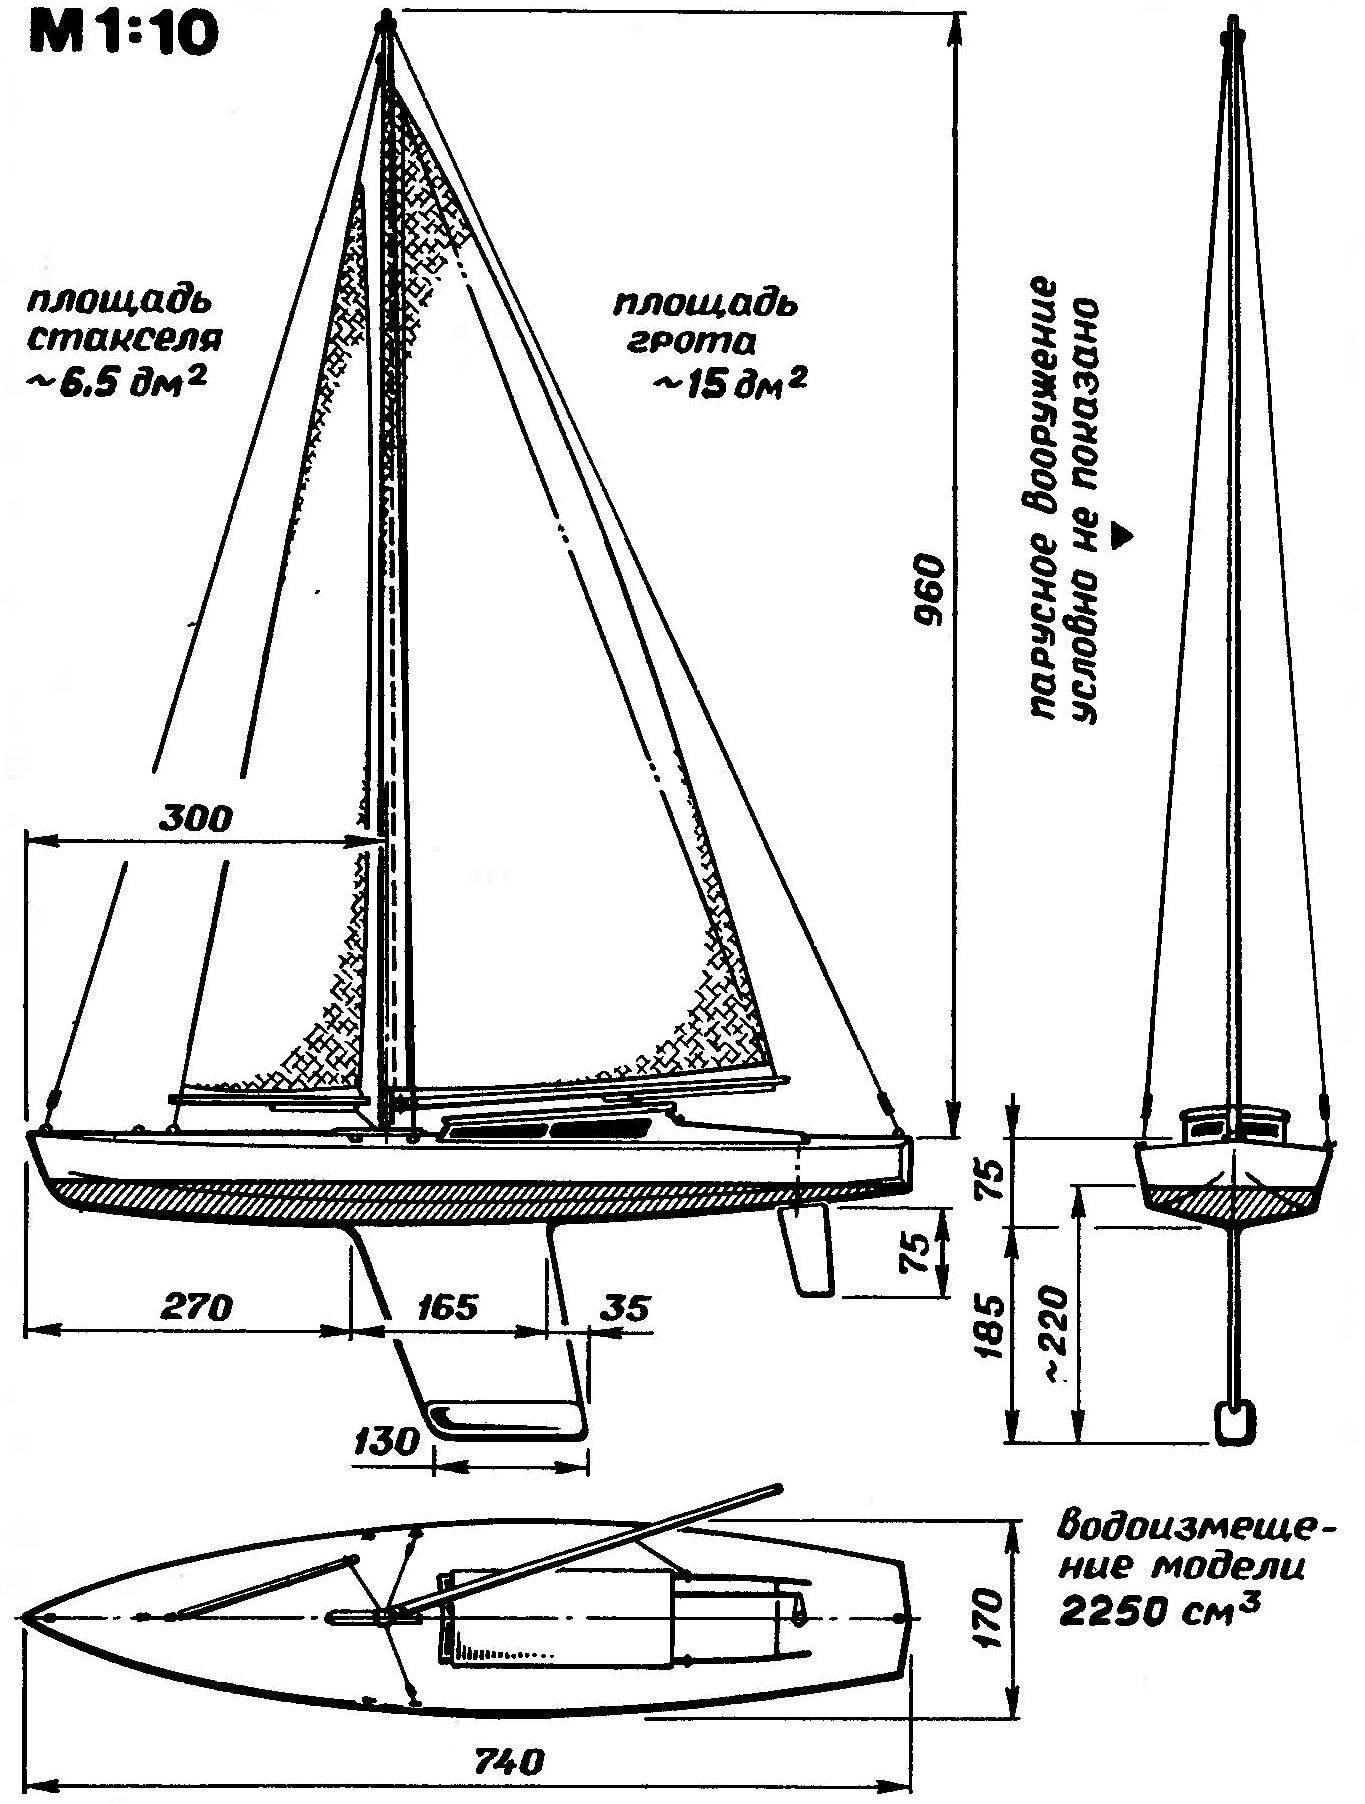 Проекты яхт. « домашняя яхт-верфь.